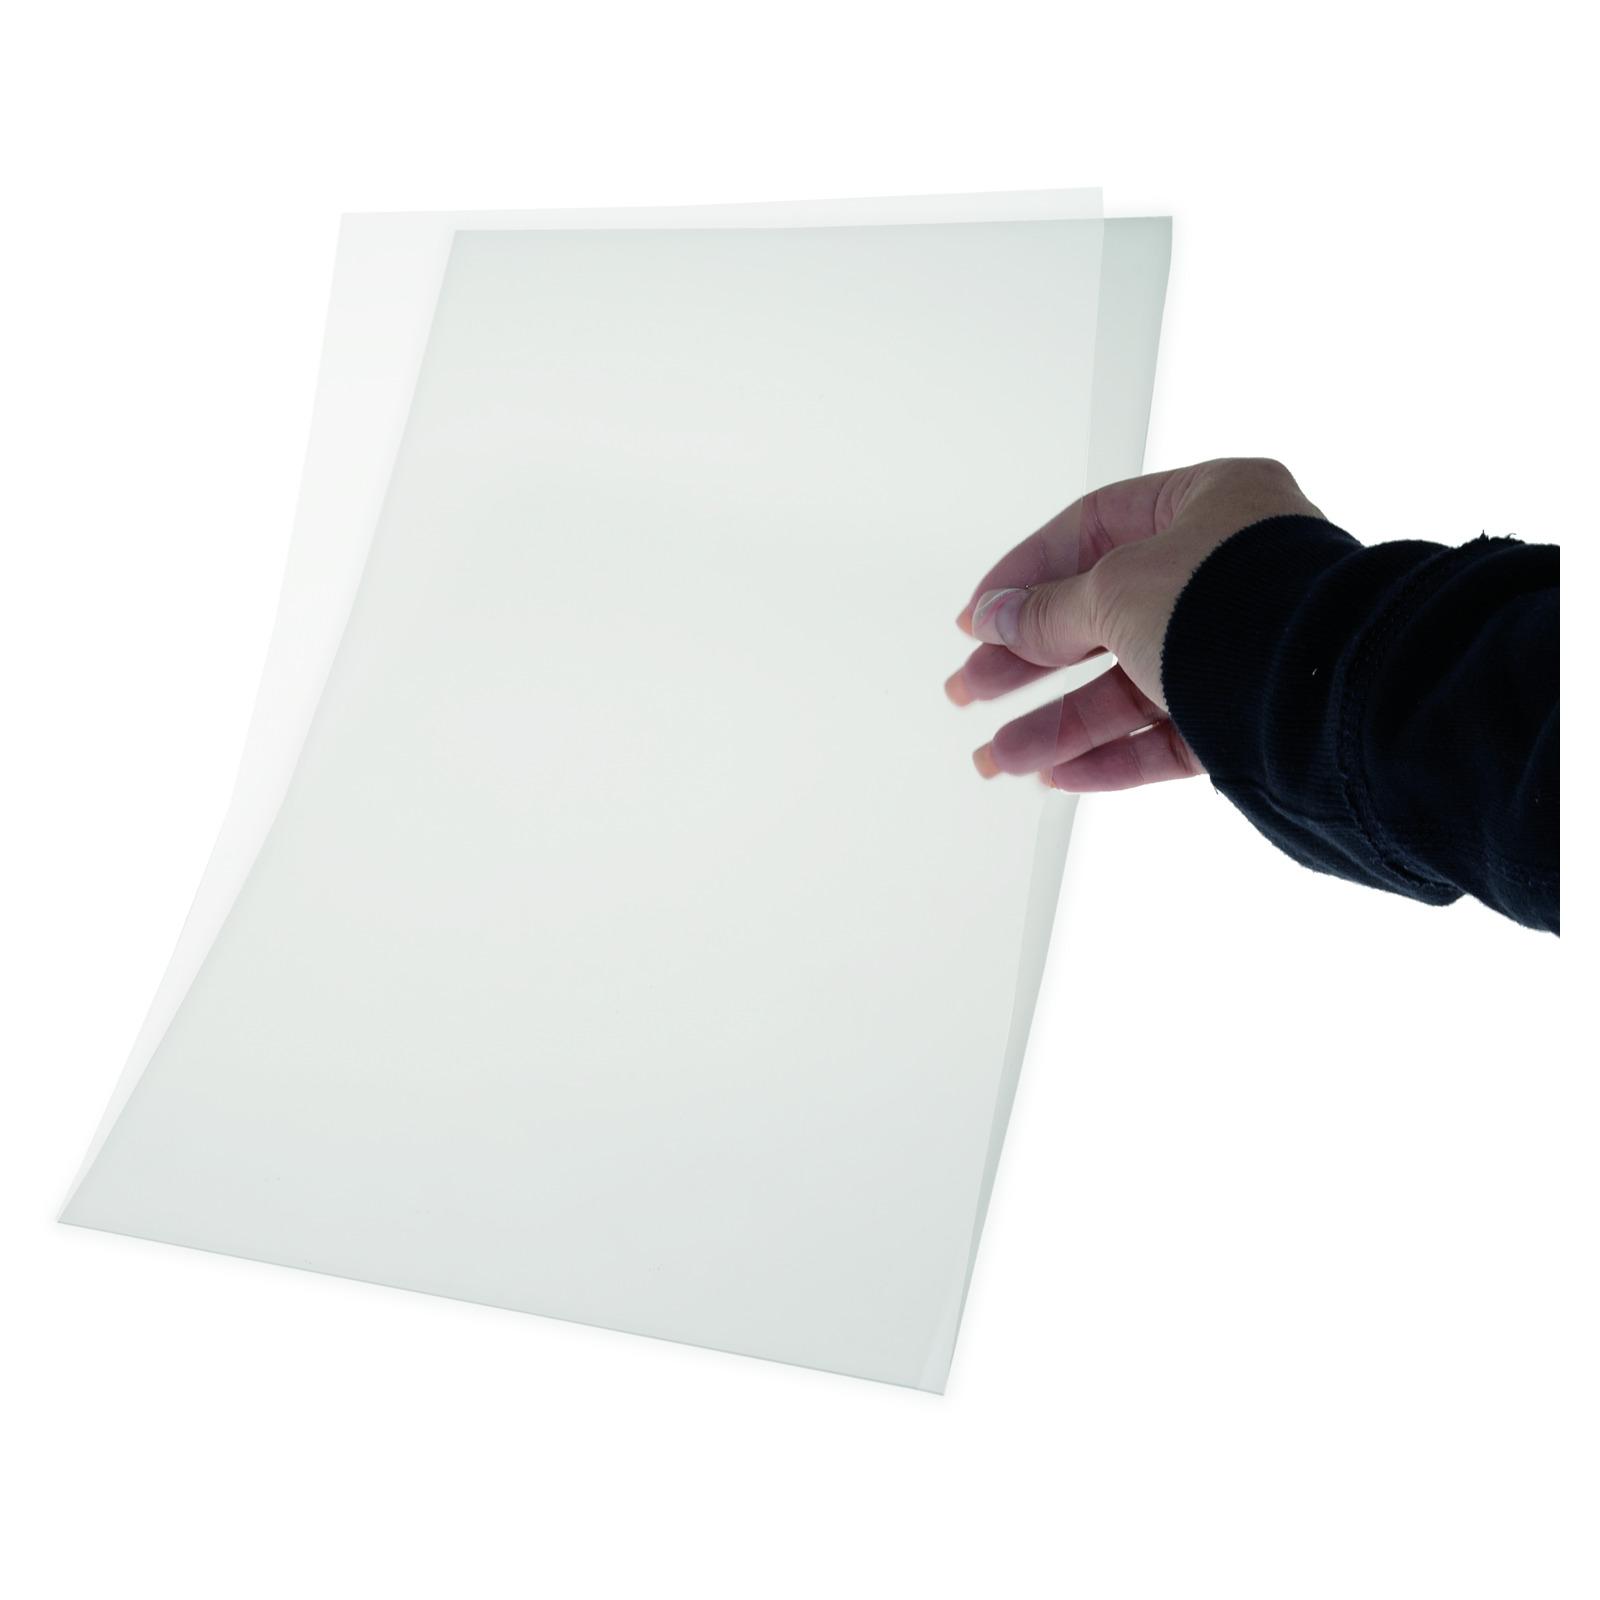 PVC-Sichthülle entspiegelt - Plakatrahmen & Zubehör Preisauszeichnung